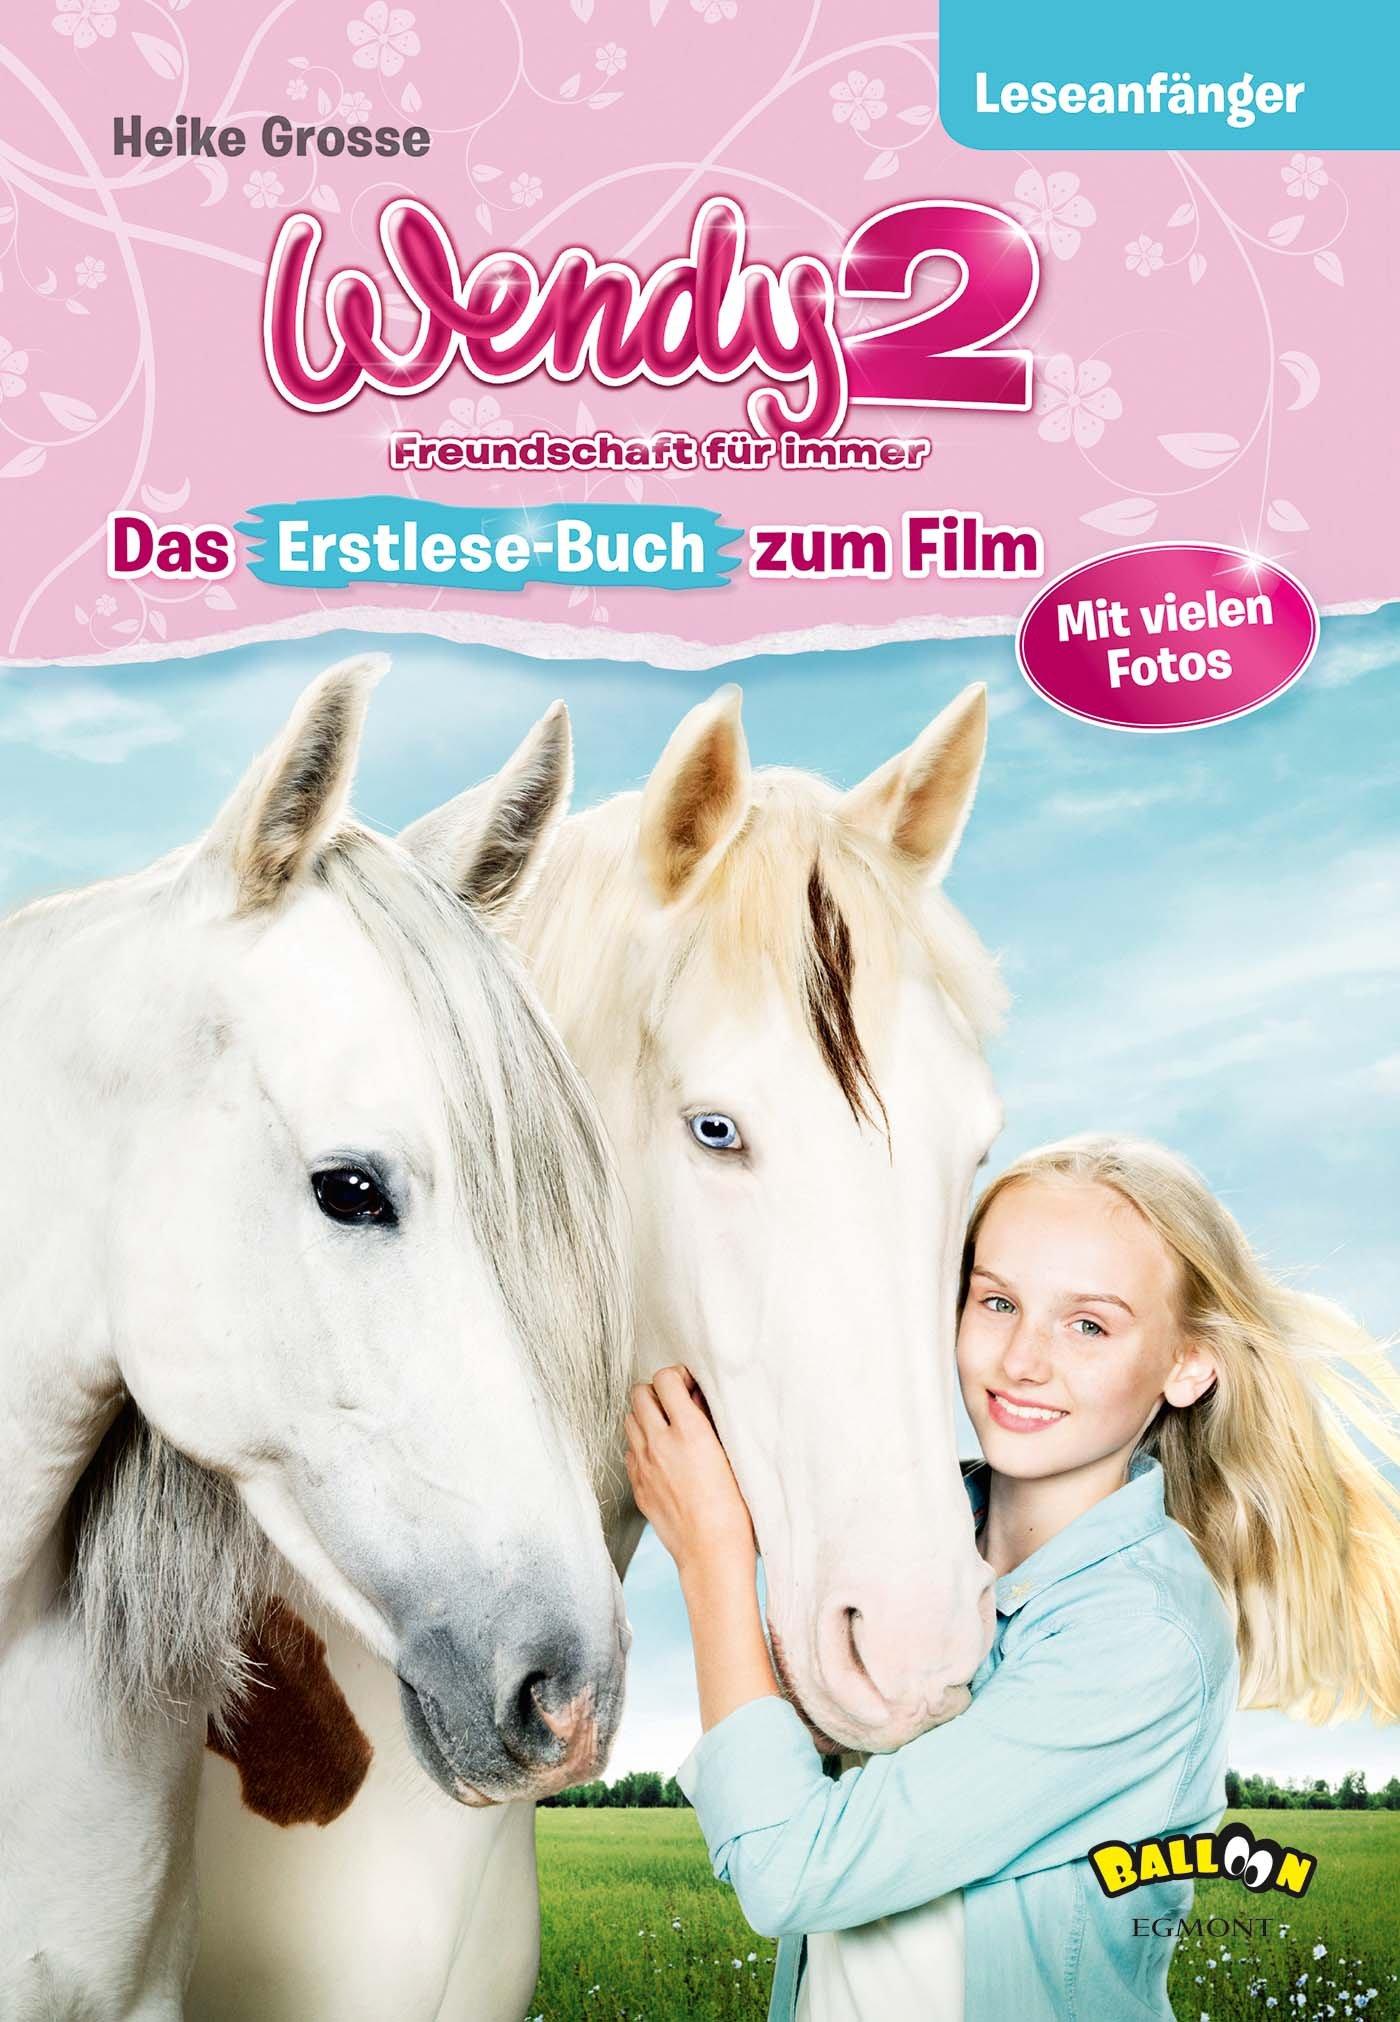 Wendy 2 - Freundschaft für immer: Das Erstlesebuch zum Film